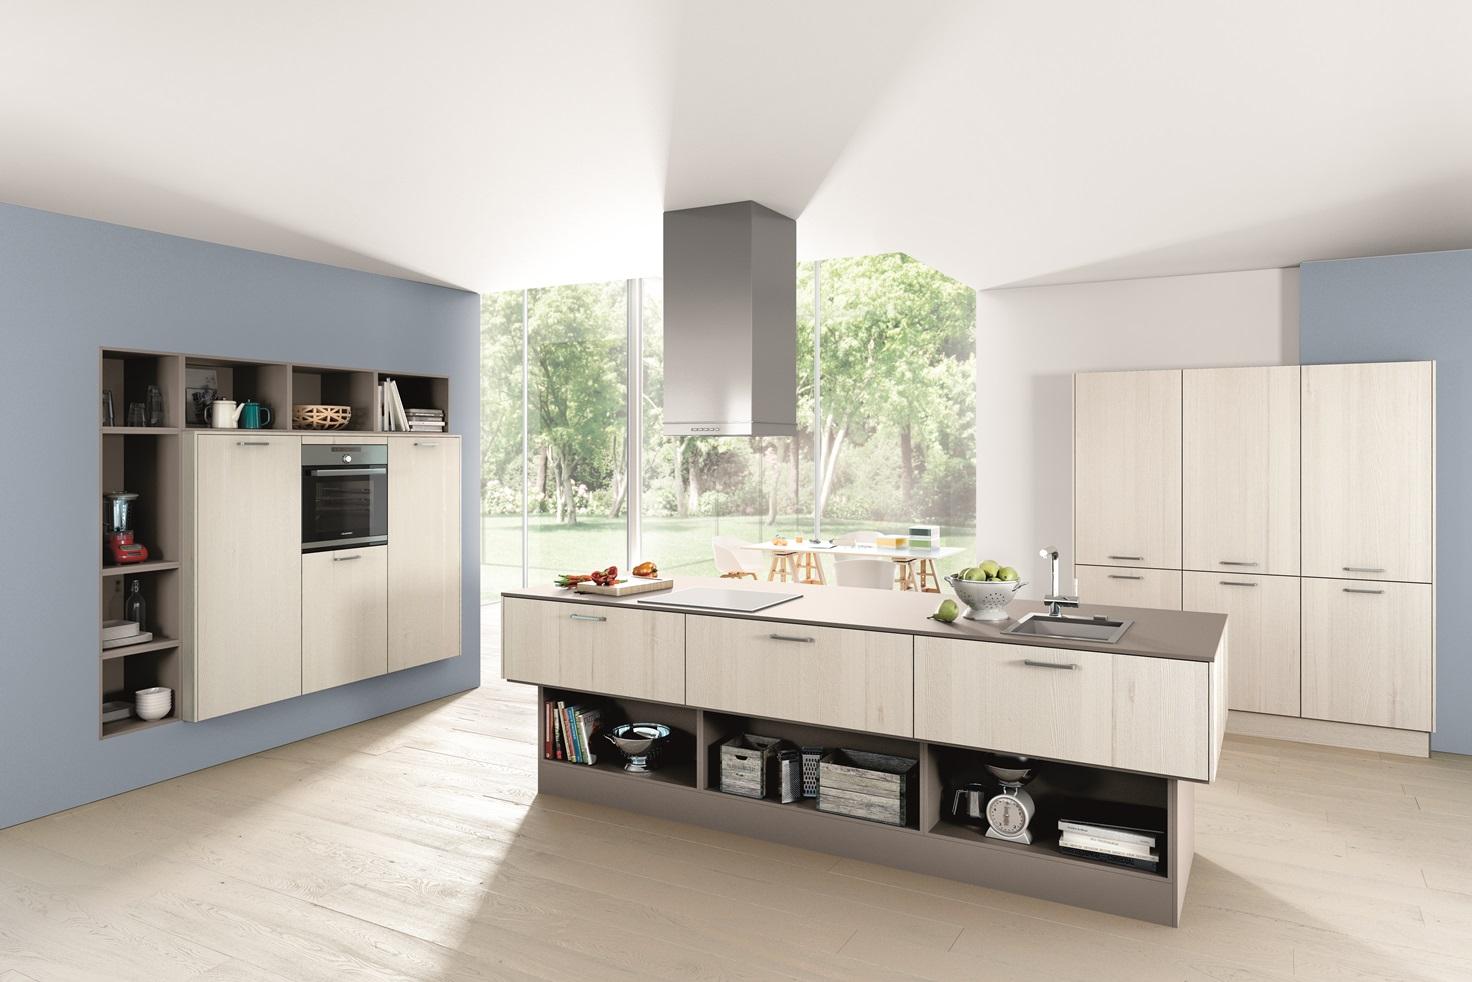 Sollte Es Bei Den Installationen In Der Mitte Des Raumes Probleme Geben,  Kannst Du Natürlich Auch Die Kücheninsel Rein Als Arbeitsinsel Verwenden.